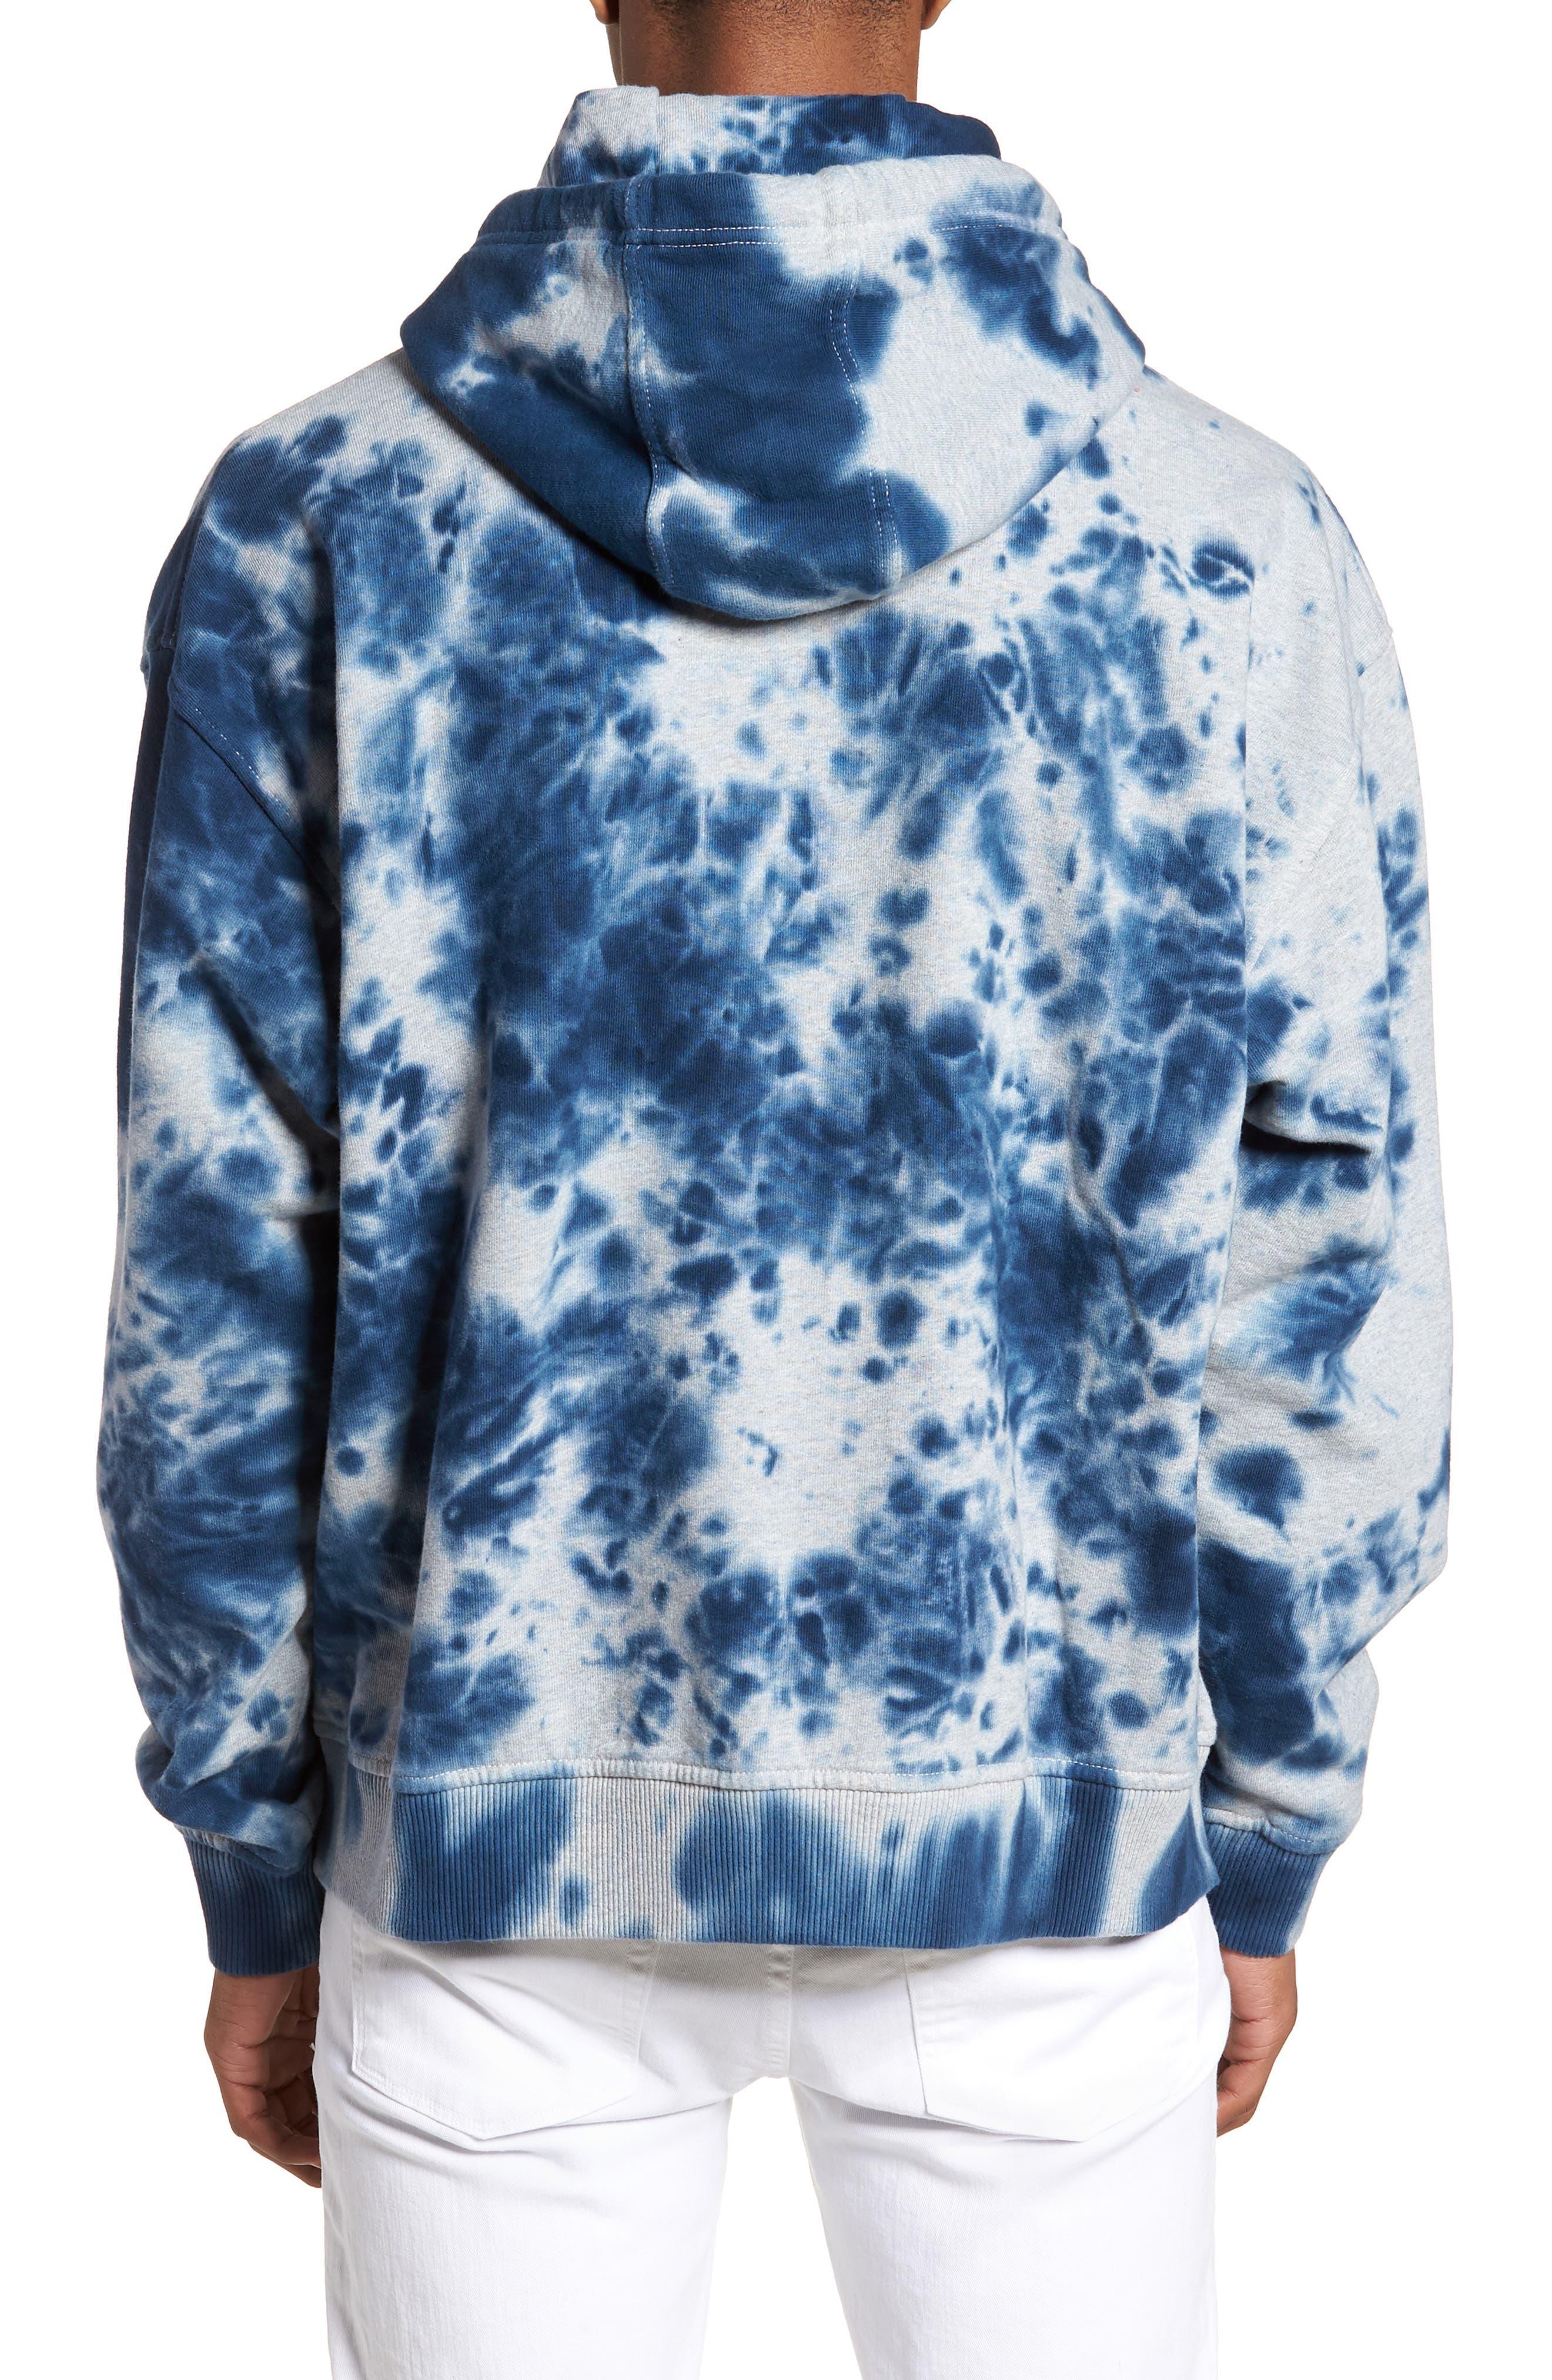 Vintage Dye Hoodie Sweatshirt,                             Alternate thumbnail 2, color,                             Light Grey Heather Tie Dye